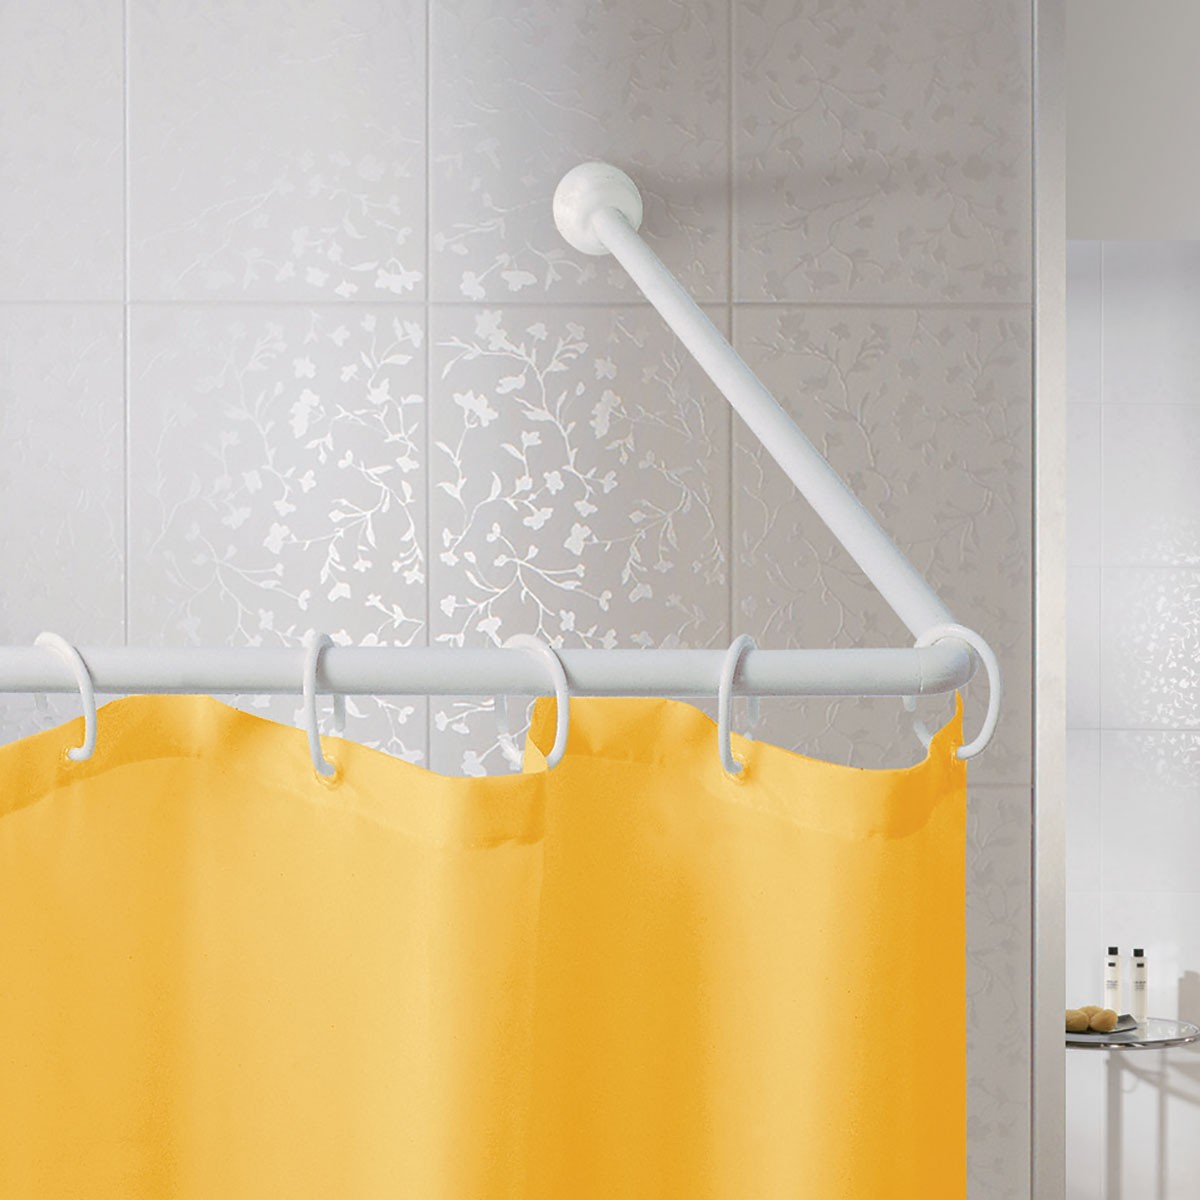 Βραχίονας Μπάνιου Γωνιακός 80×170 Joy Bath White